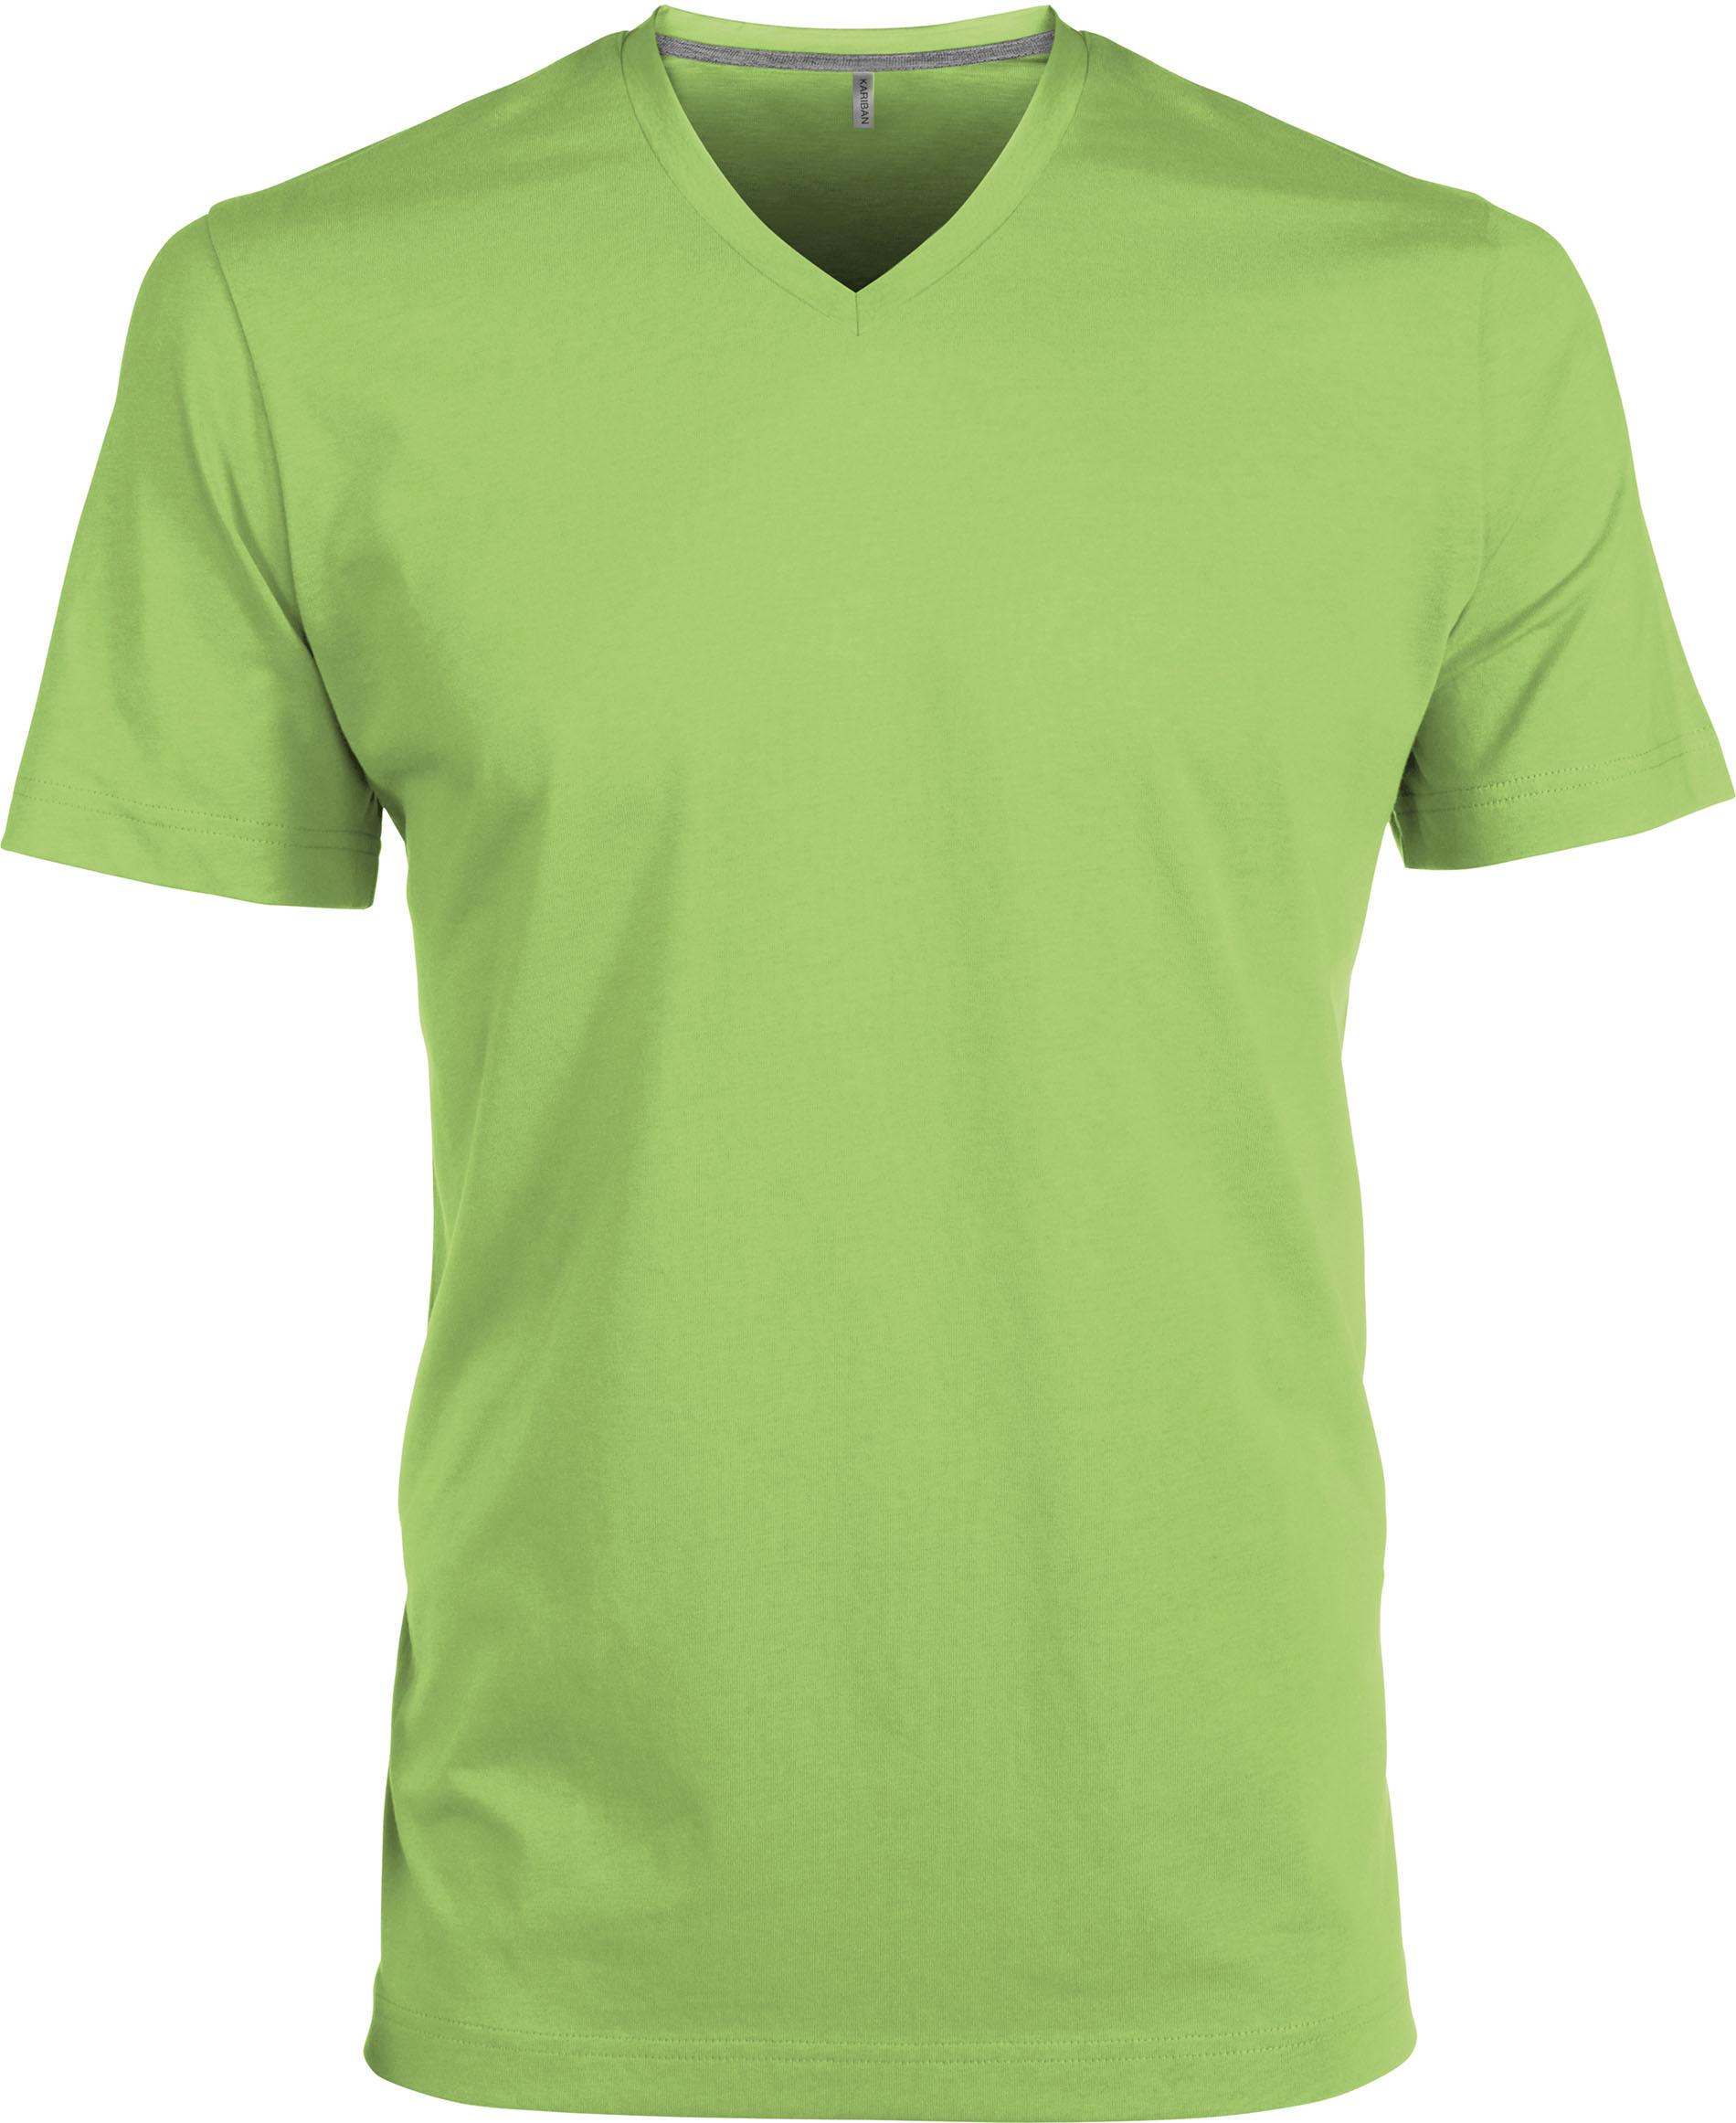 T-paita K356 V-aukko Lime